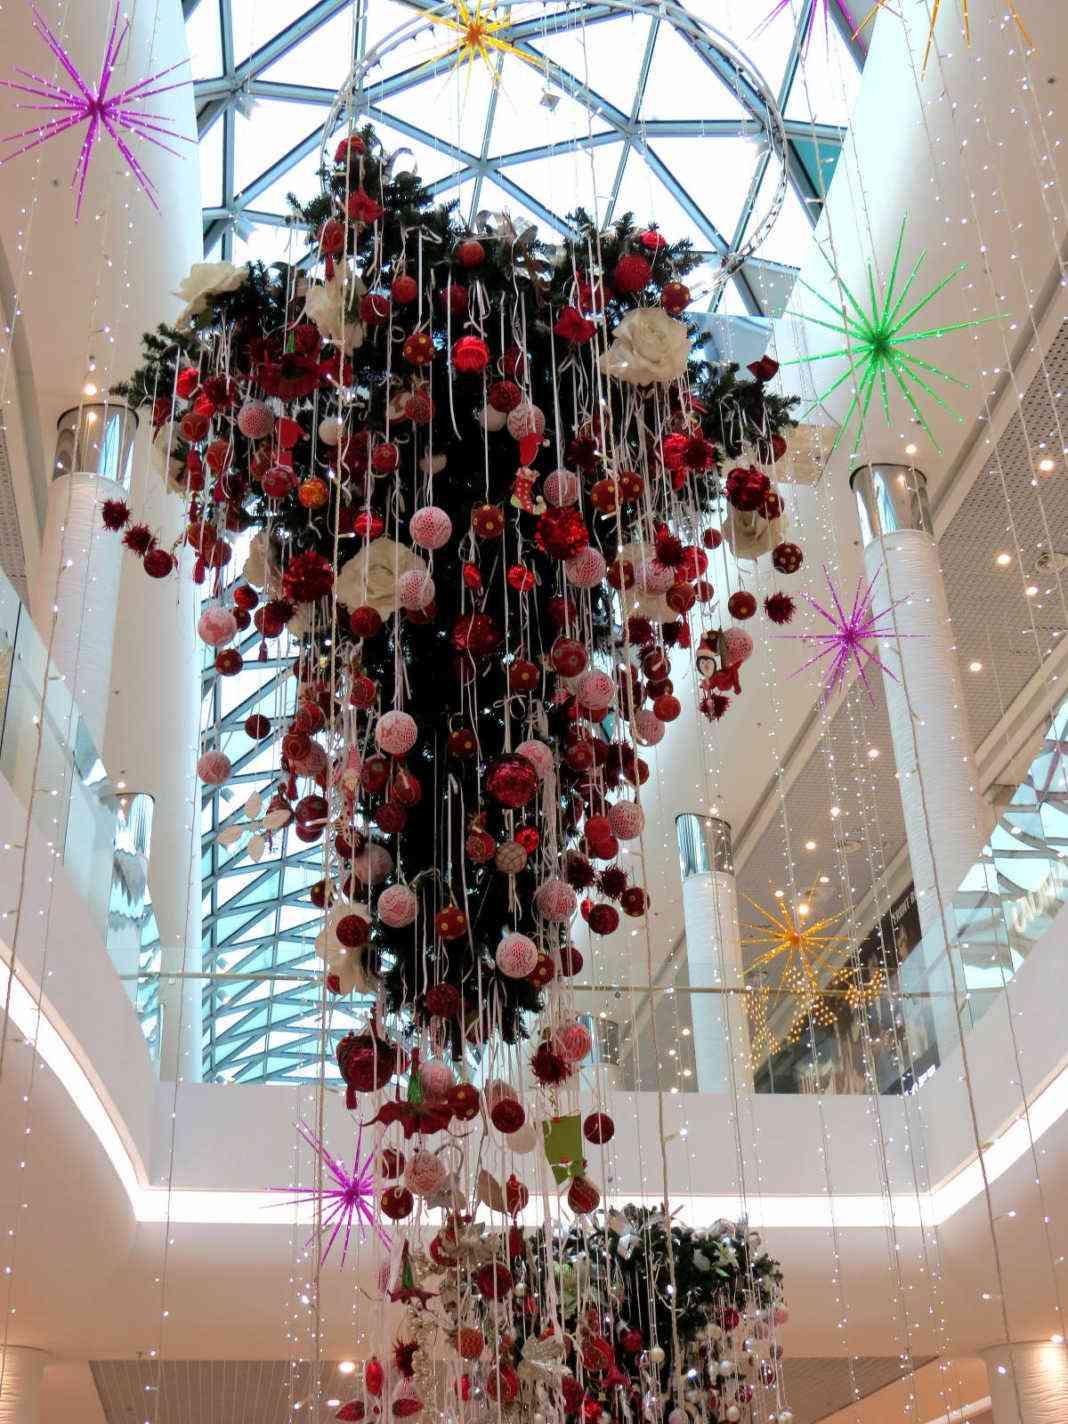 Como Decorar Arboles De Navidad Diferentes - Decoracion-de-arboles-de-navidad